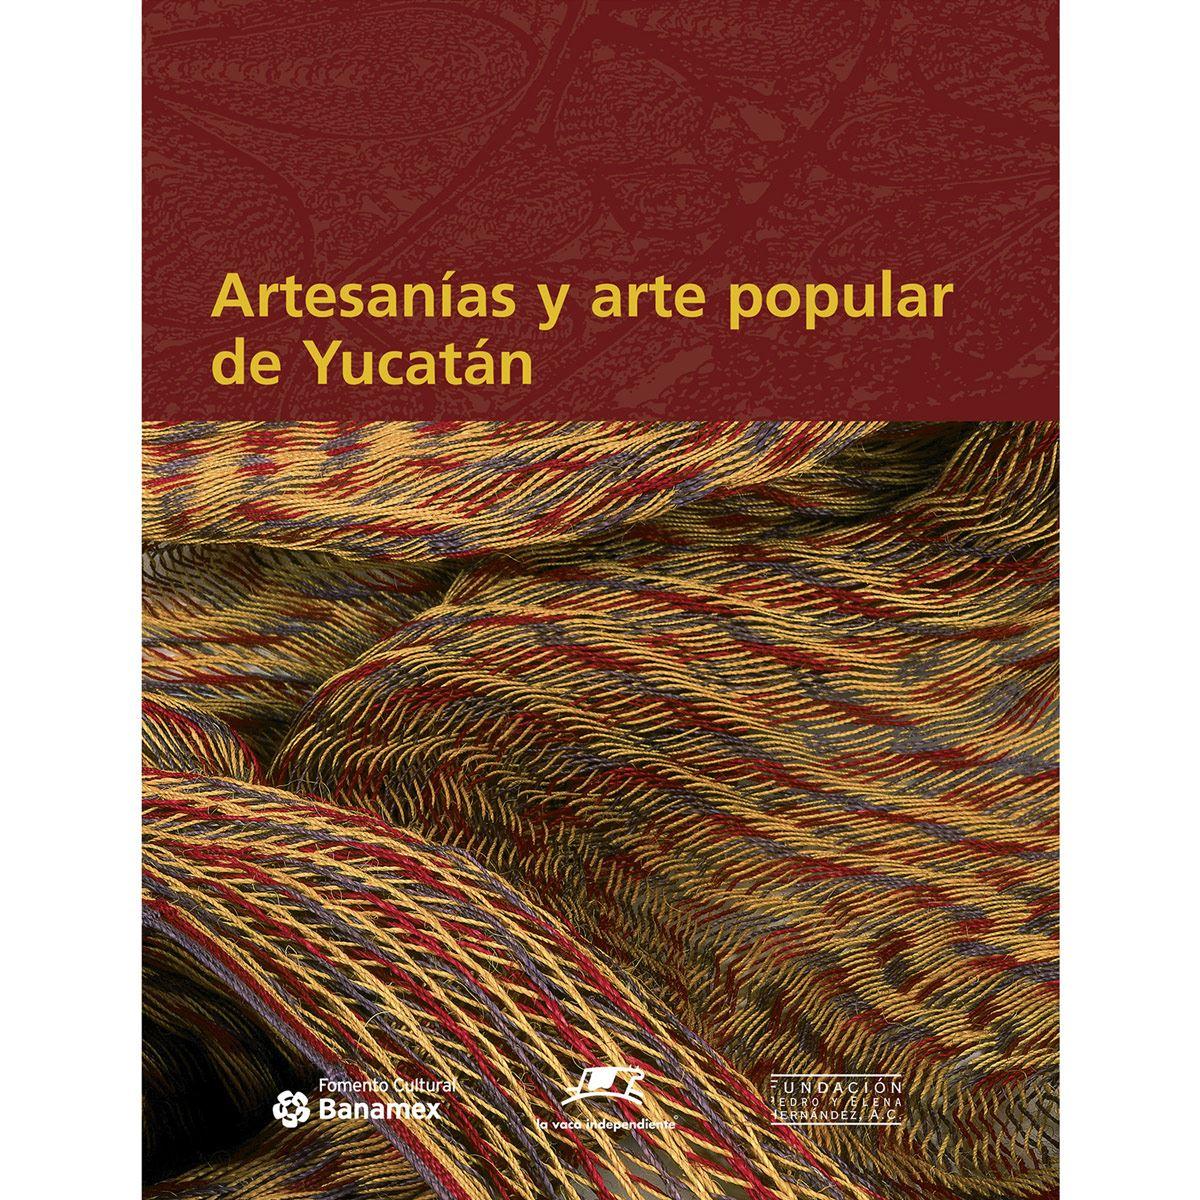 Artesanias y arte popular de Yucatán